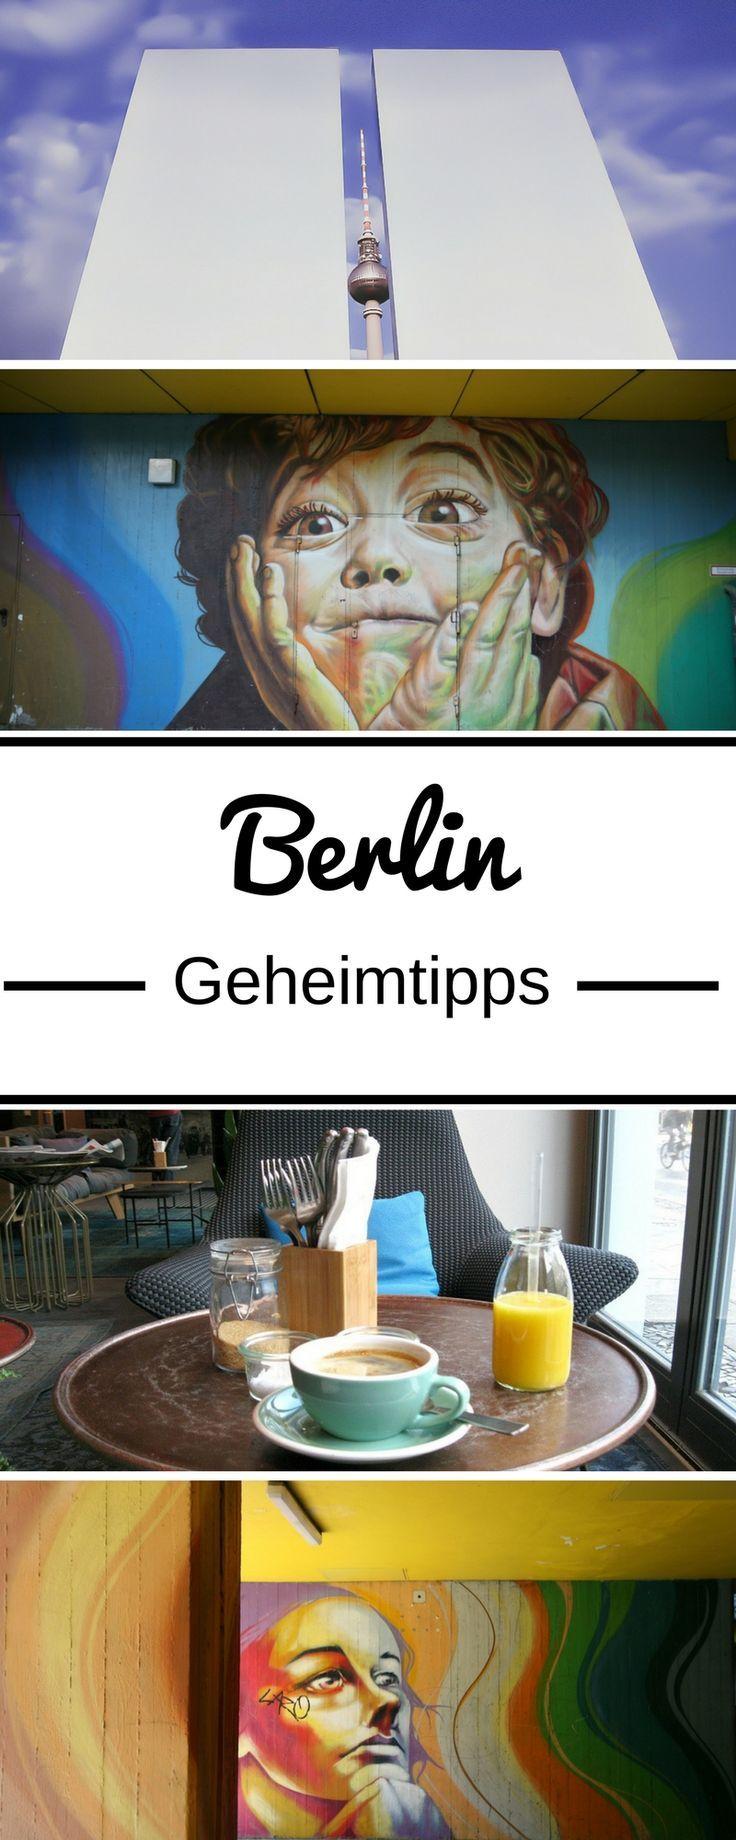 Berlin Geheimtipps einer Einheimischen: Die schönsten Sehenswürdigkeiten